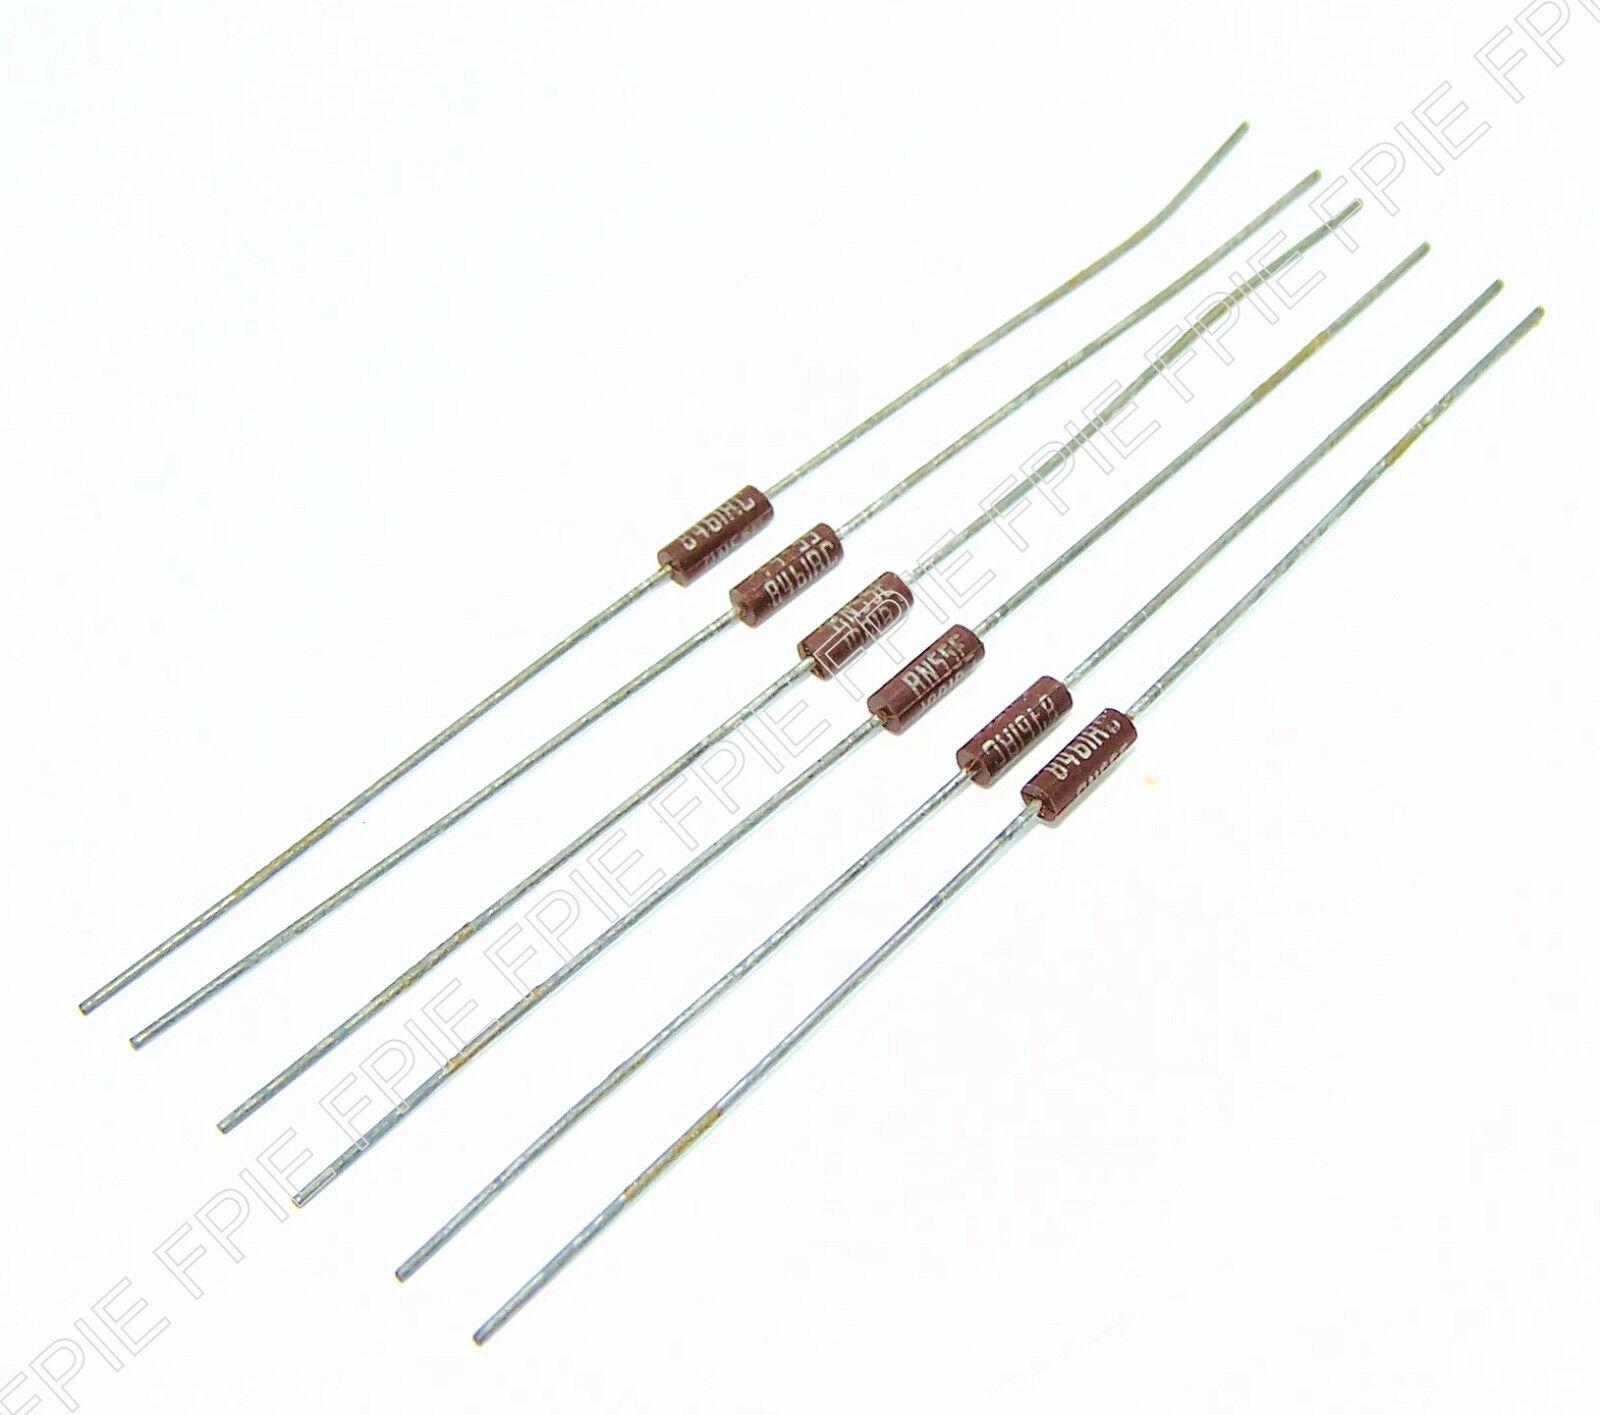 Unistrand H20 x 25 Nero Maniche vincolante-Confezione da 100